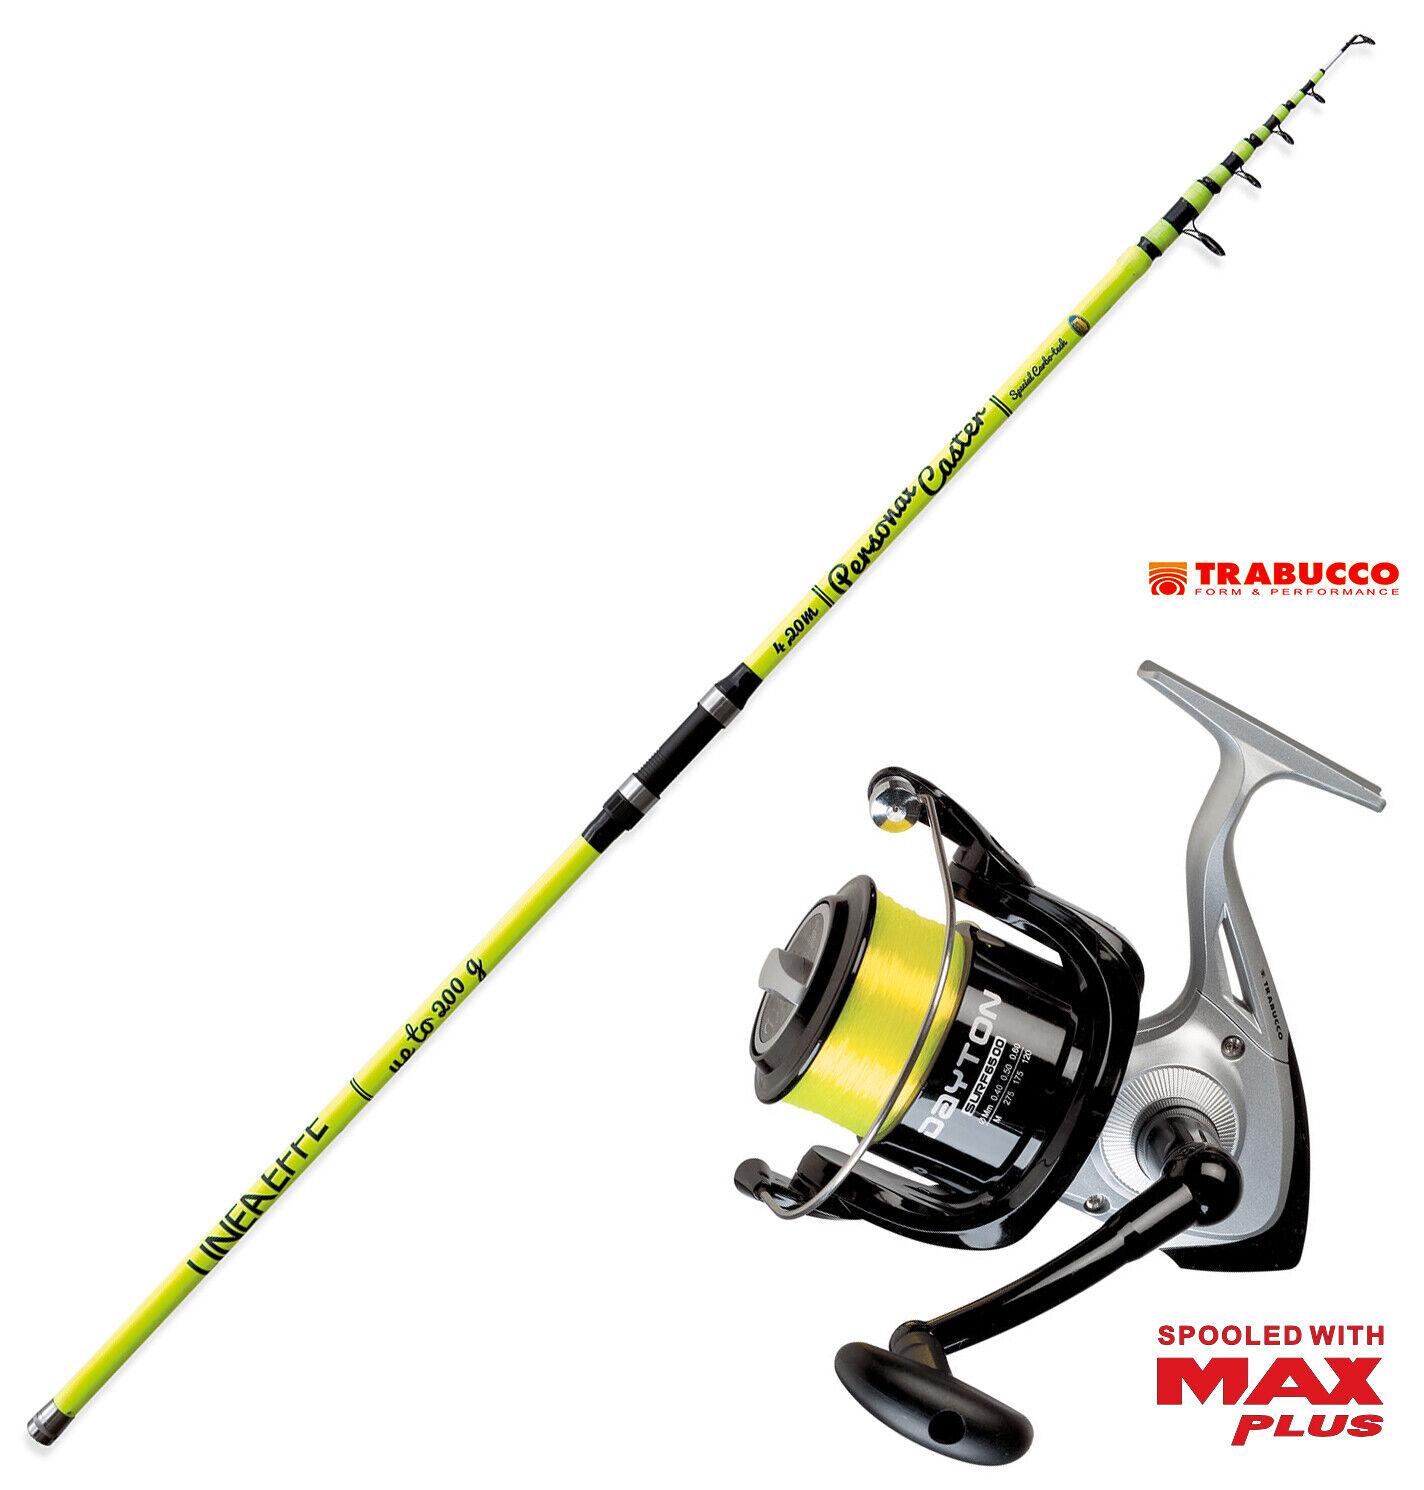 KP3512 Canna pesca Surf Personal caster 420  + Mulinello Trabucco 6500 filo FEU  precio mas barato